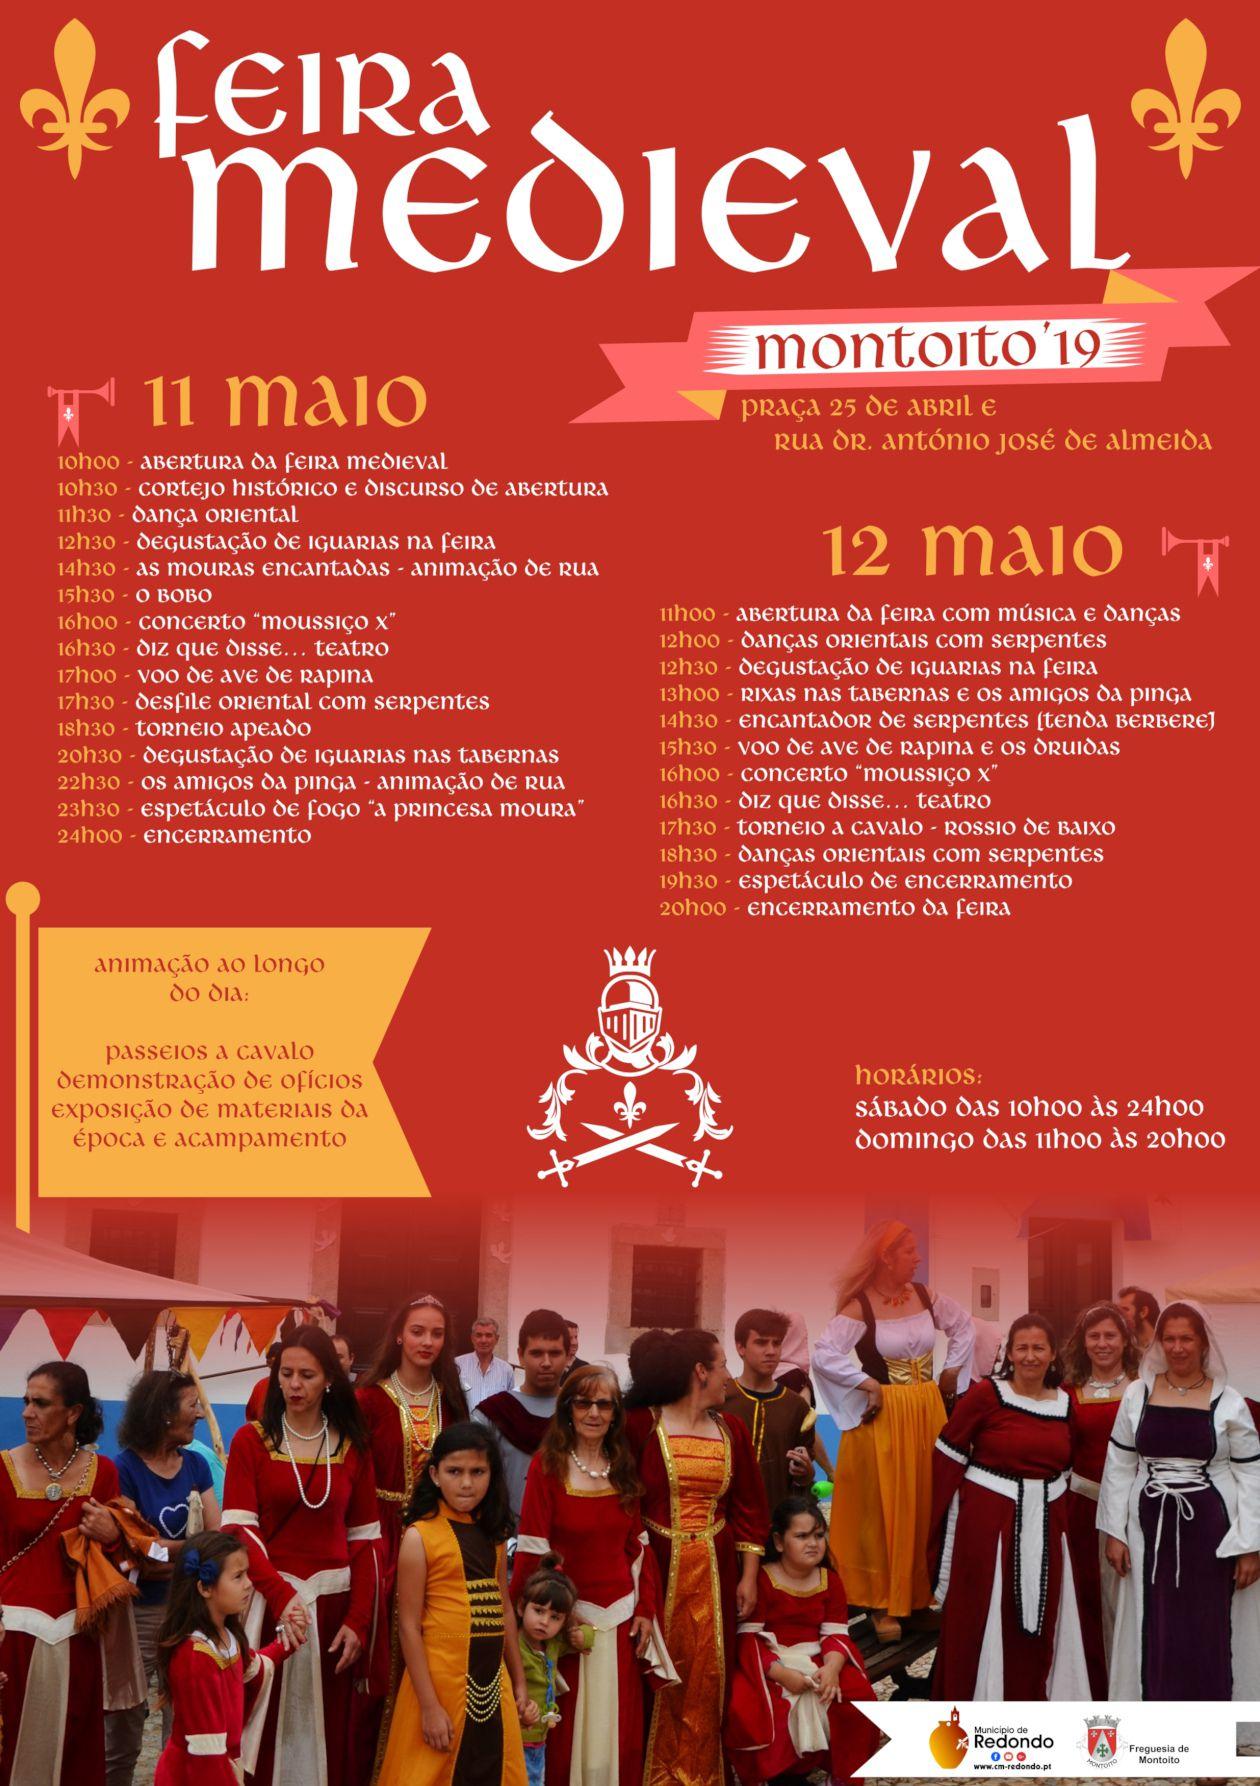 Montoito - Feira Medieval